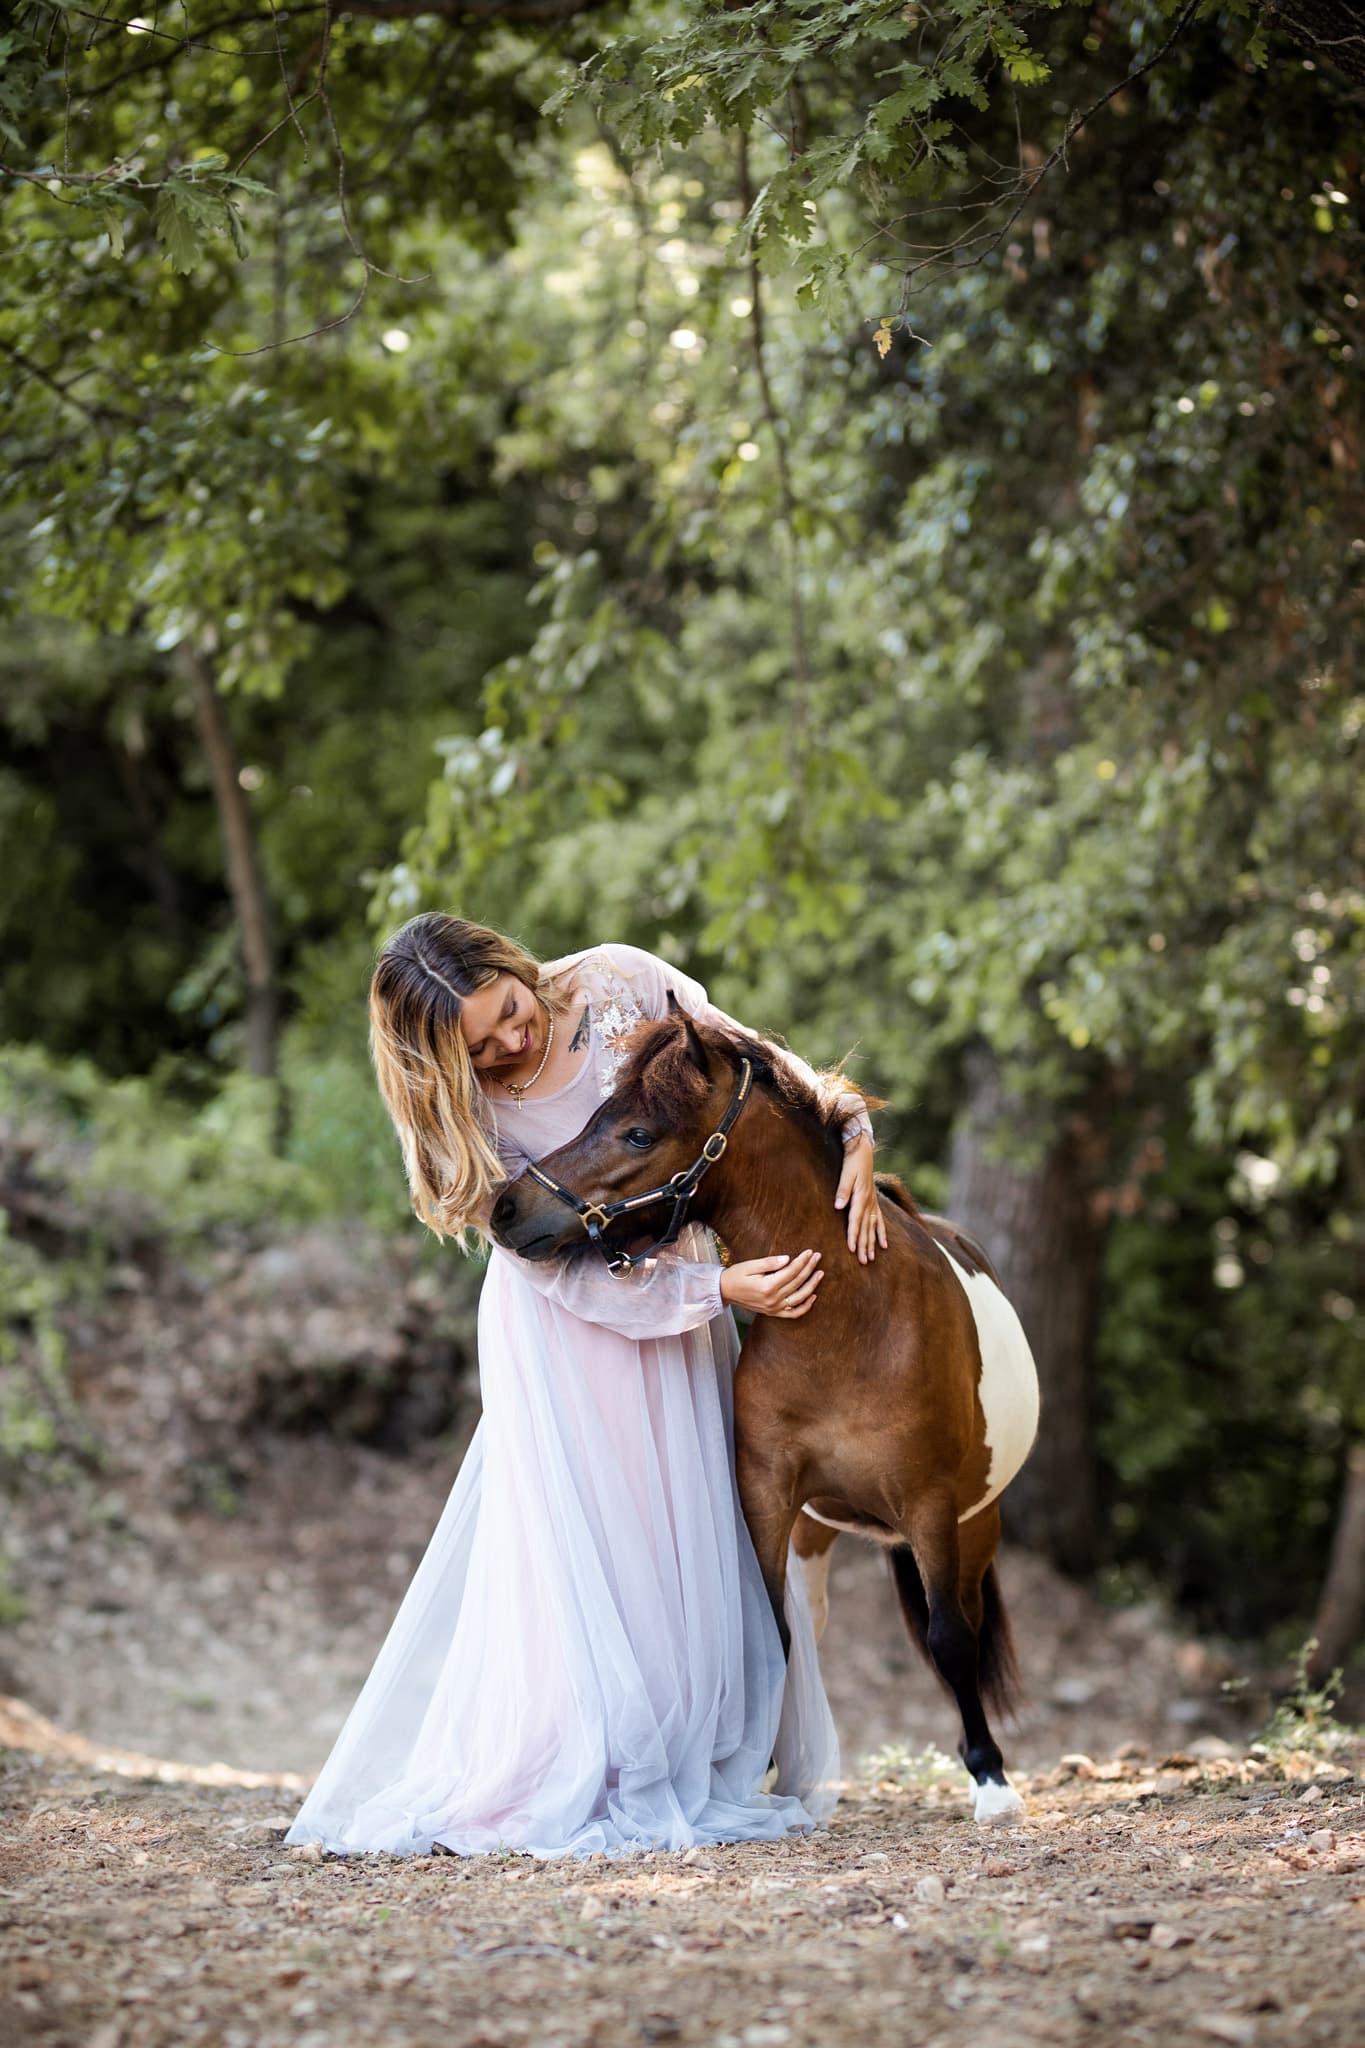 séance photo animalière avec un cheval dans les alpes maritimes